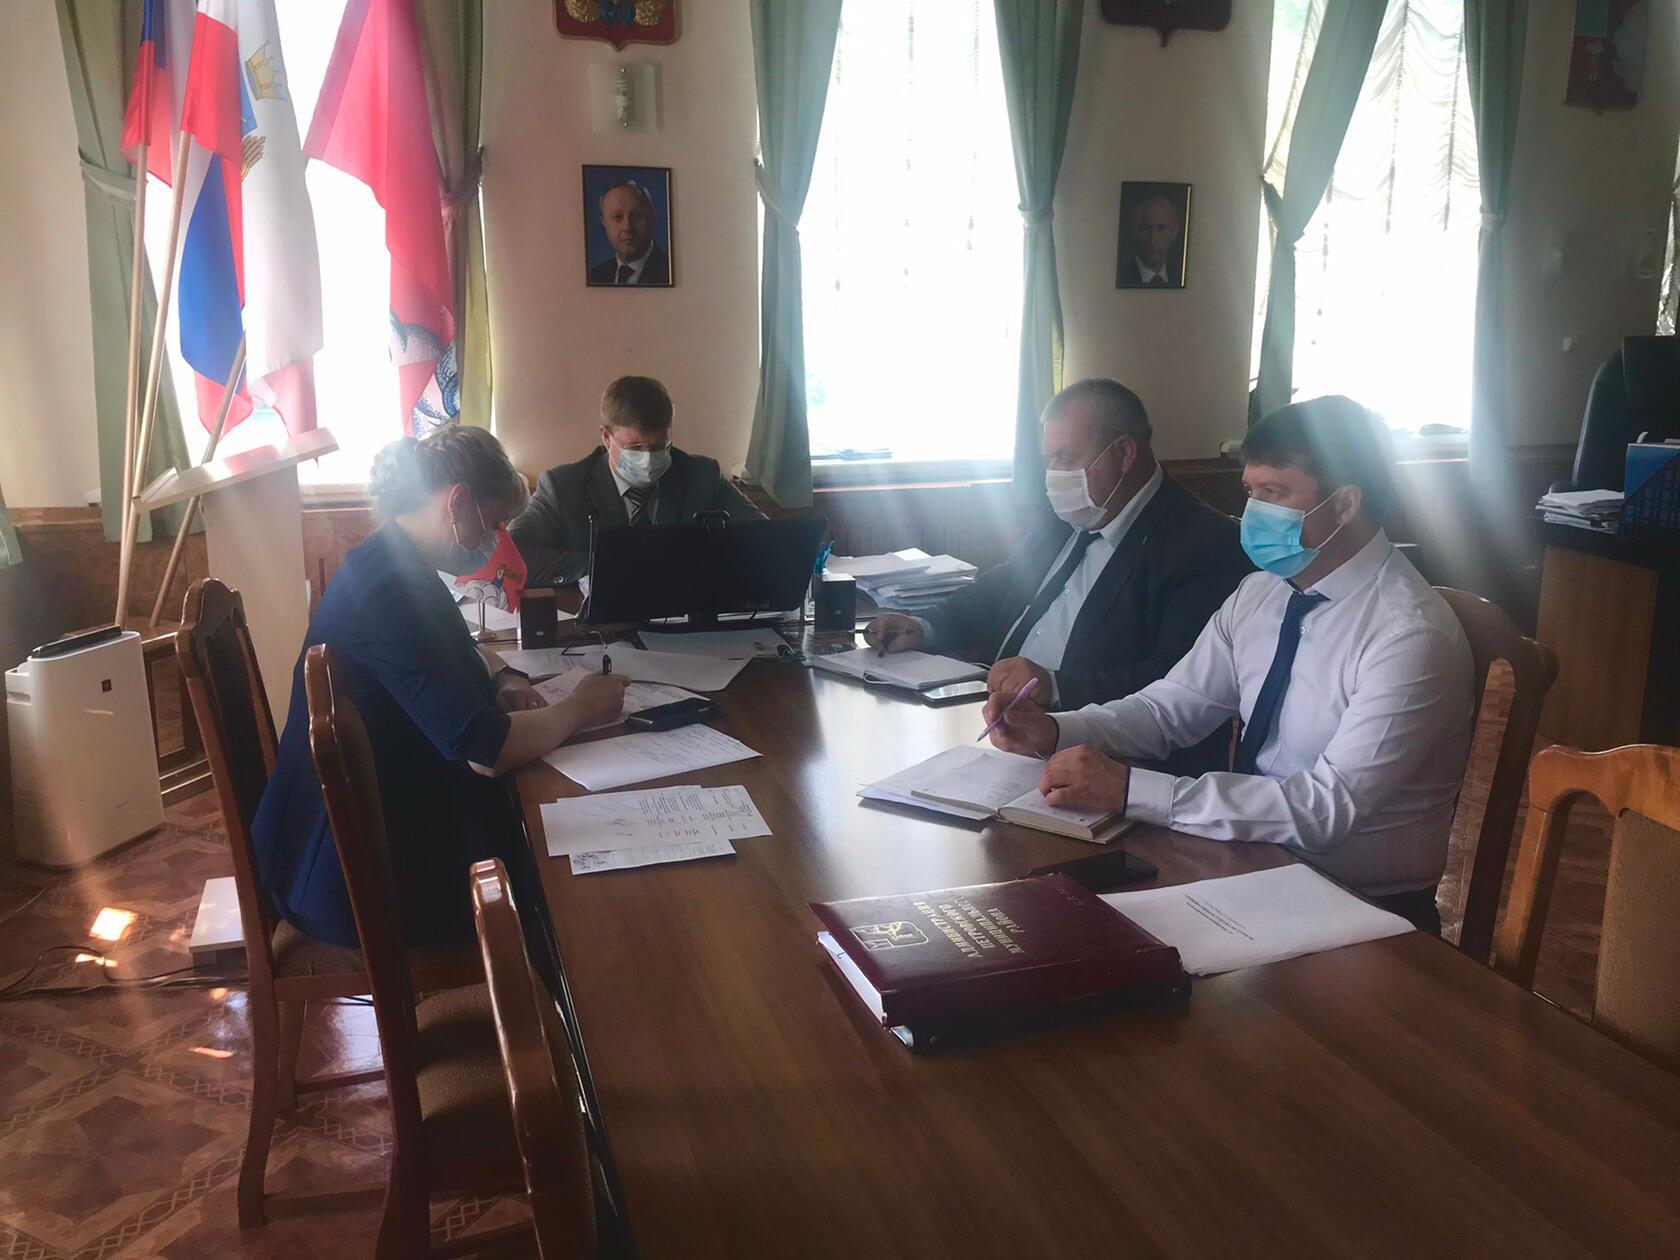 На усиление профилактических коронавирусных мер обратил особое внимание глава Петровского района во время аппаратного совещания